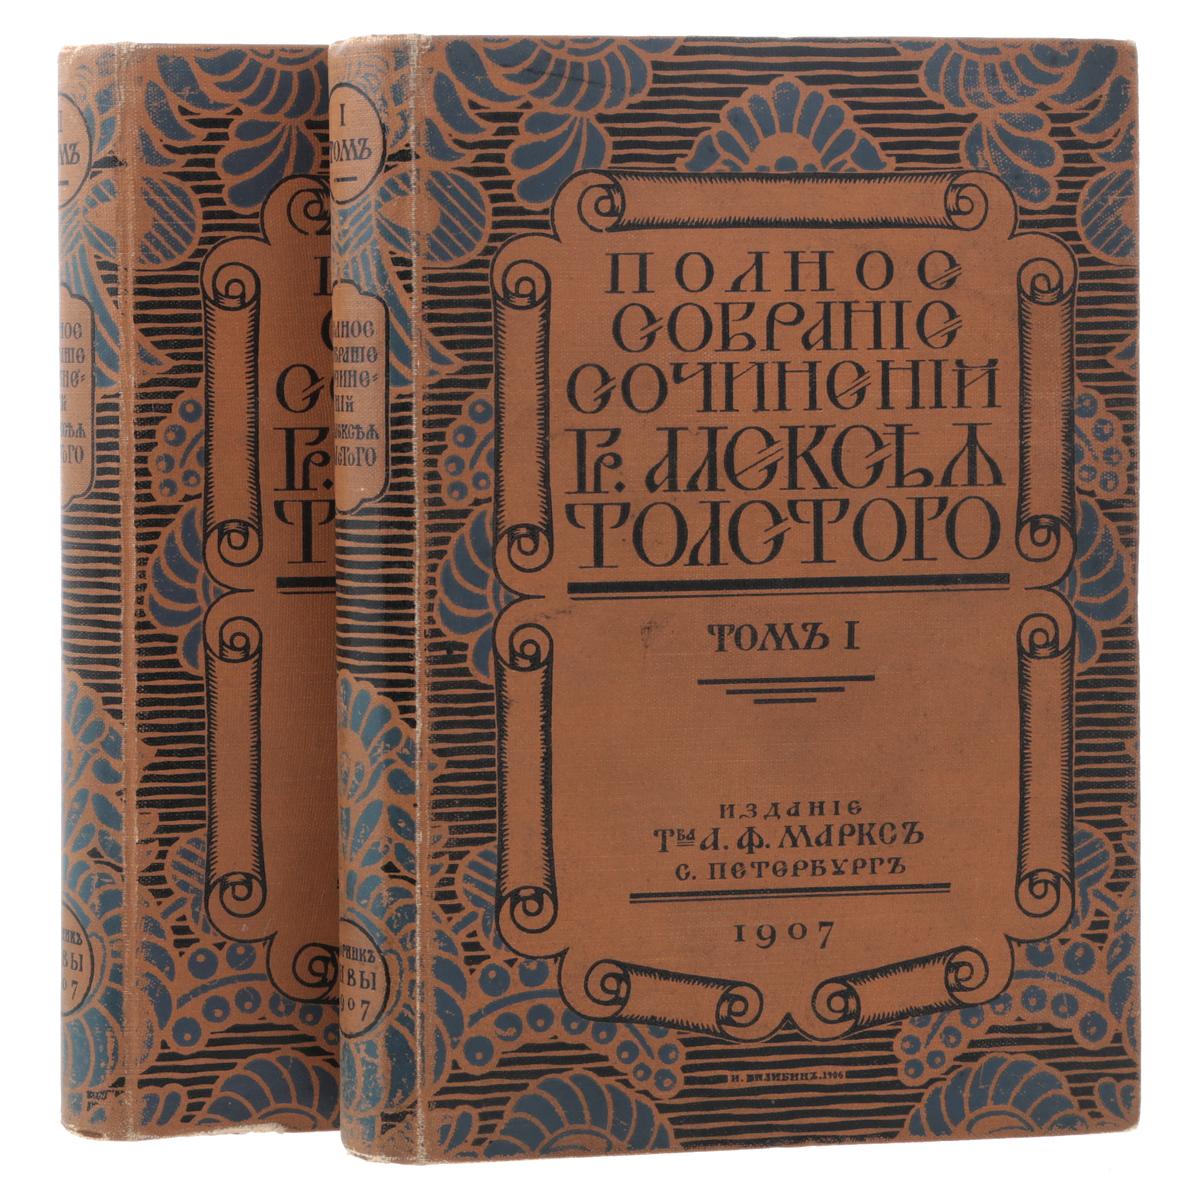 А. К. Толстой. Полное собрание сочинений в 4 томах. Тома 1 и 2 (комплект из 2 книг)